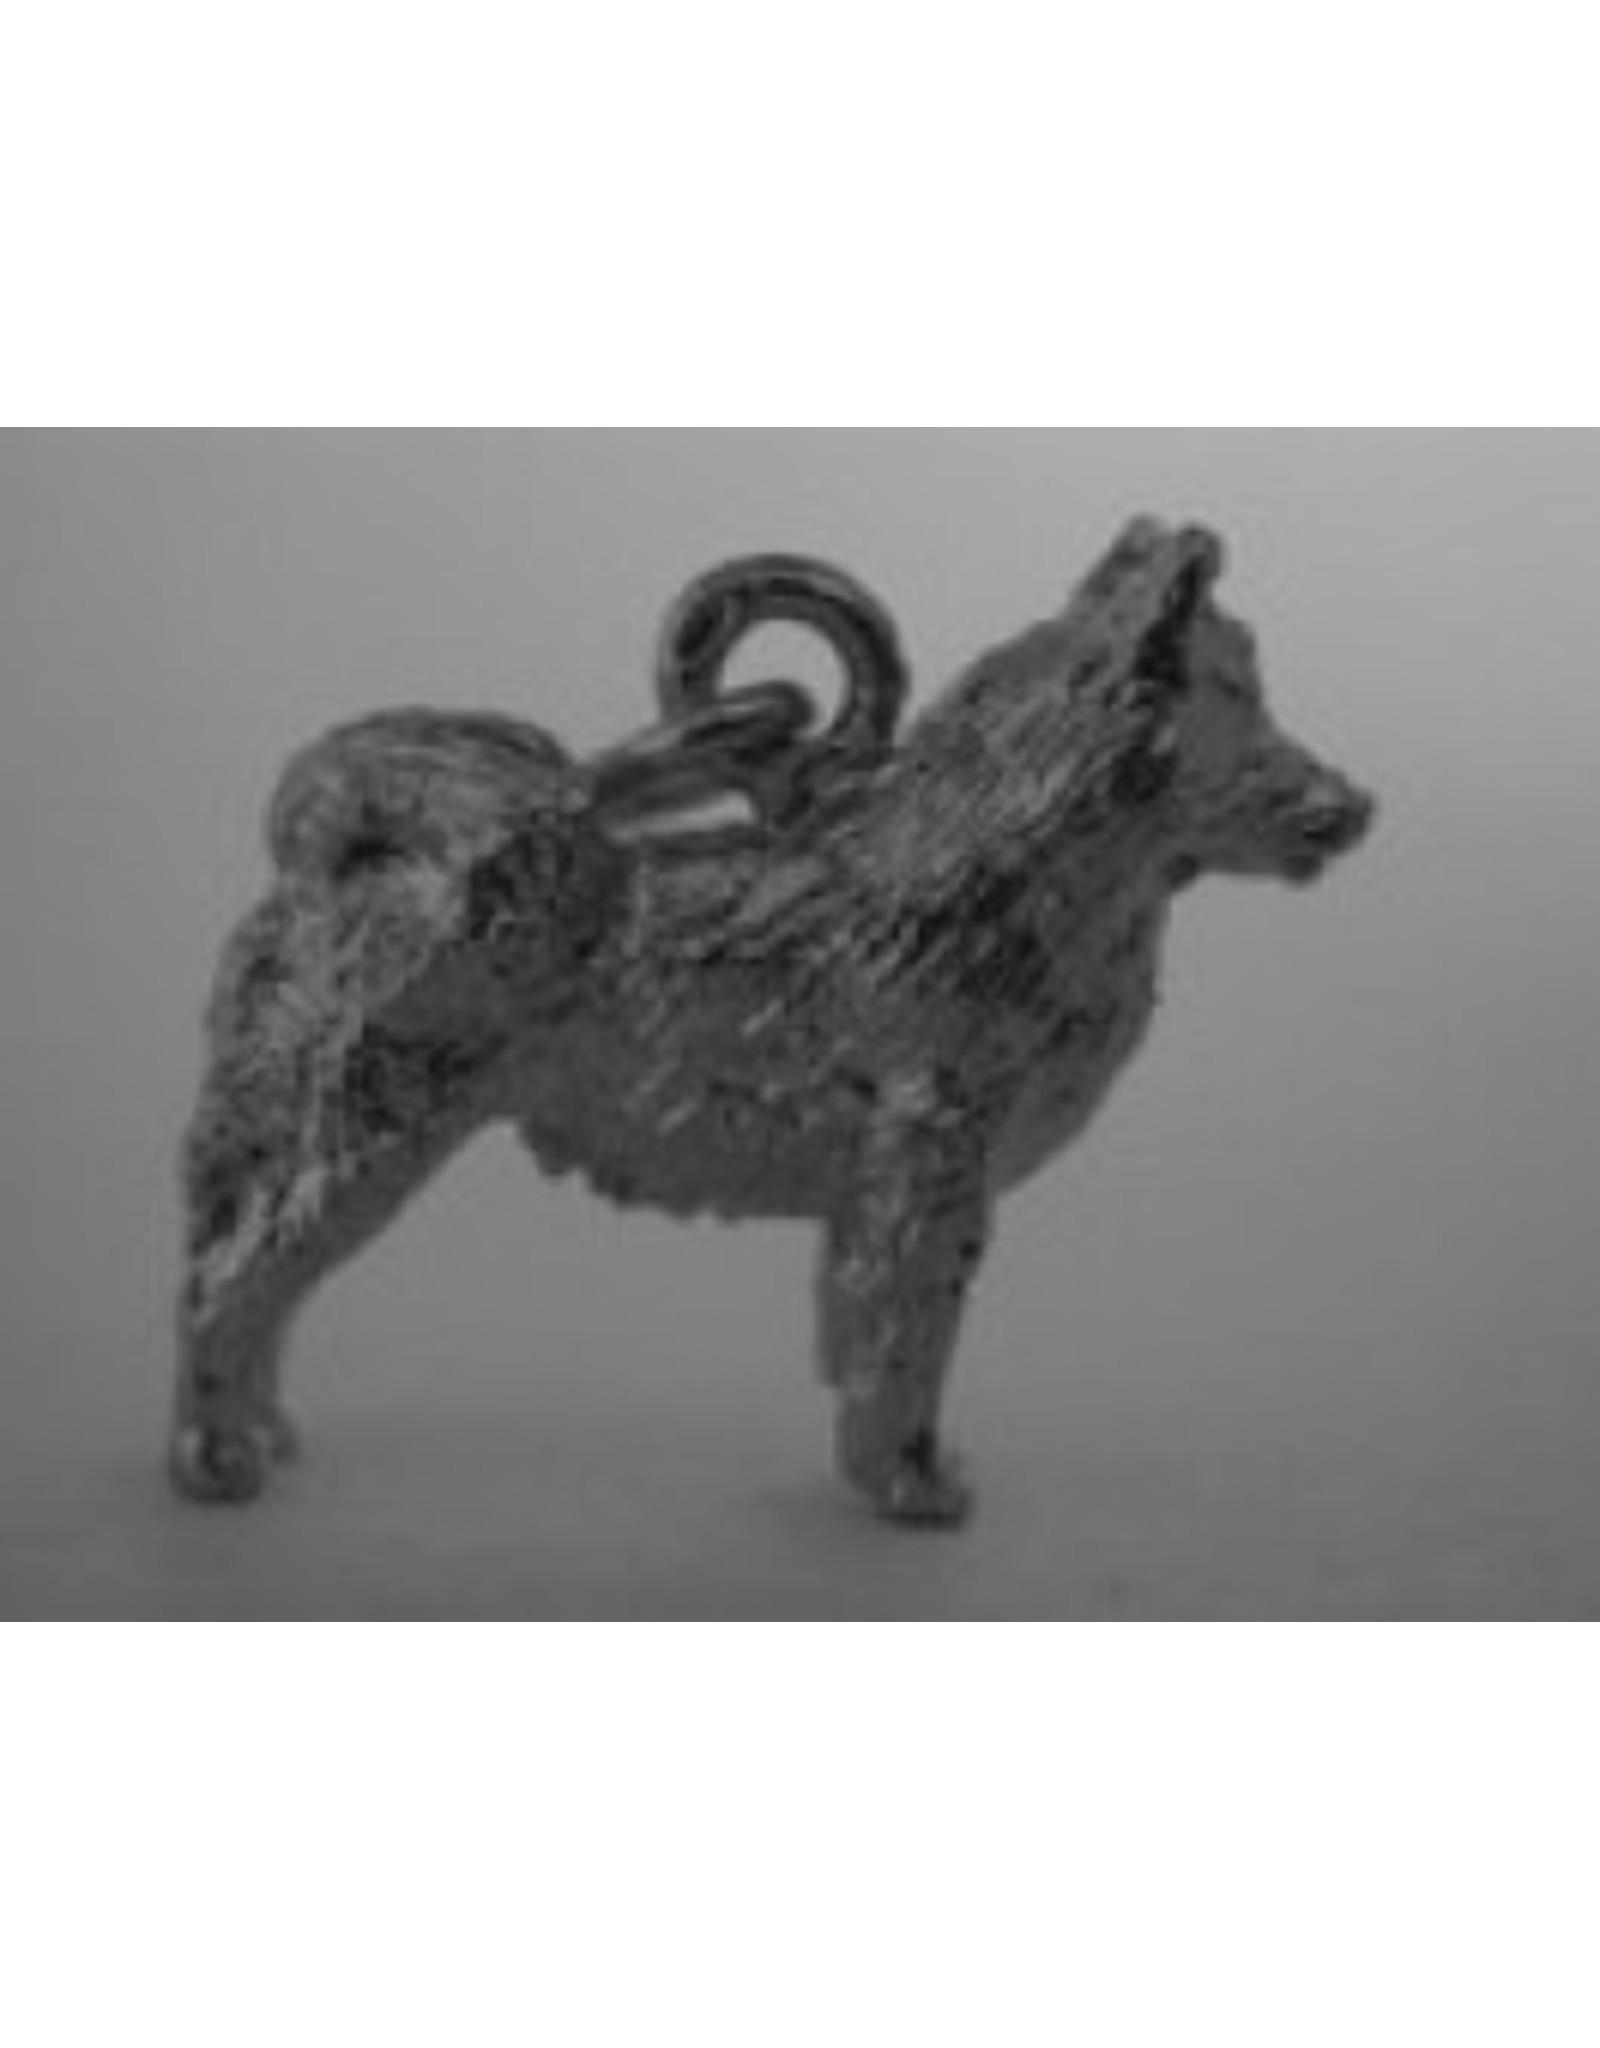 Handmade by Hanneke Weigel Zilveren Ijslandse hond